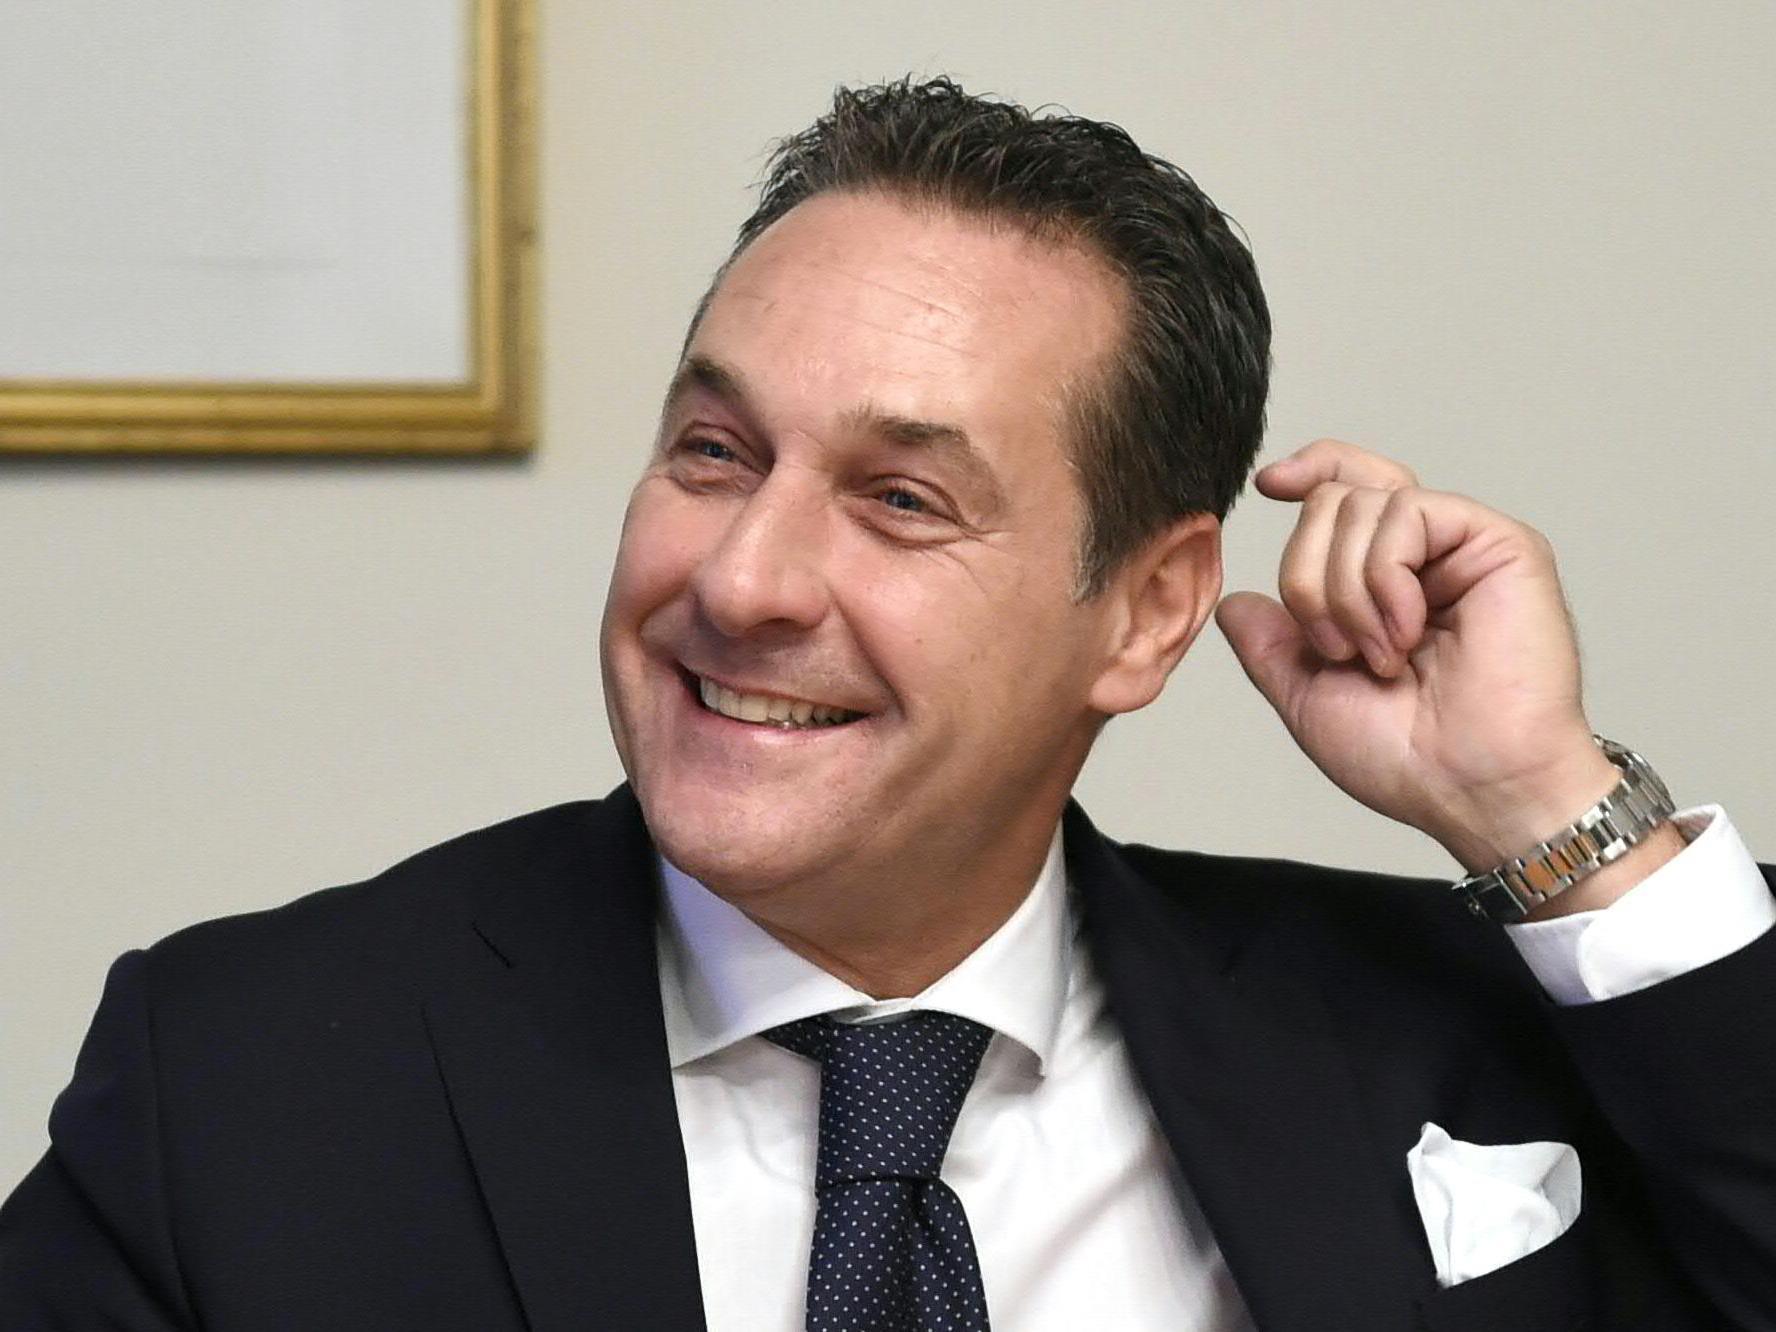 FPÖ-Chef Heinz-Christian Strache.